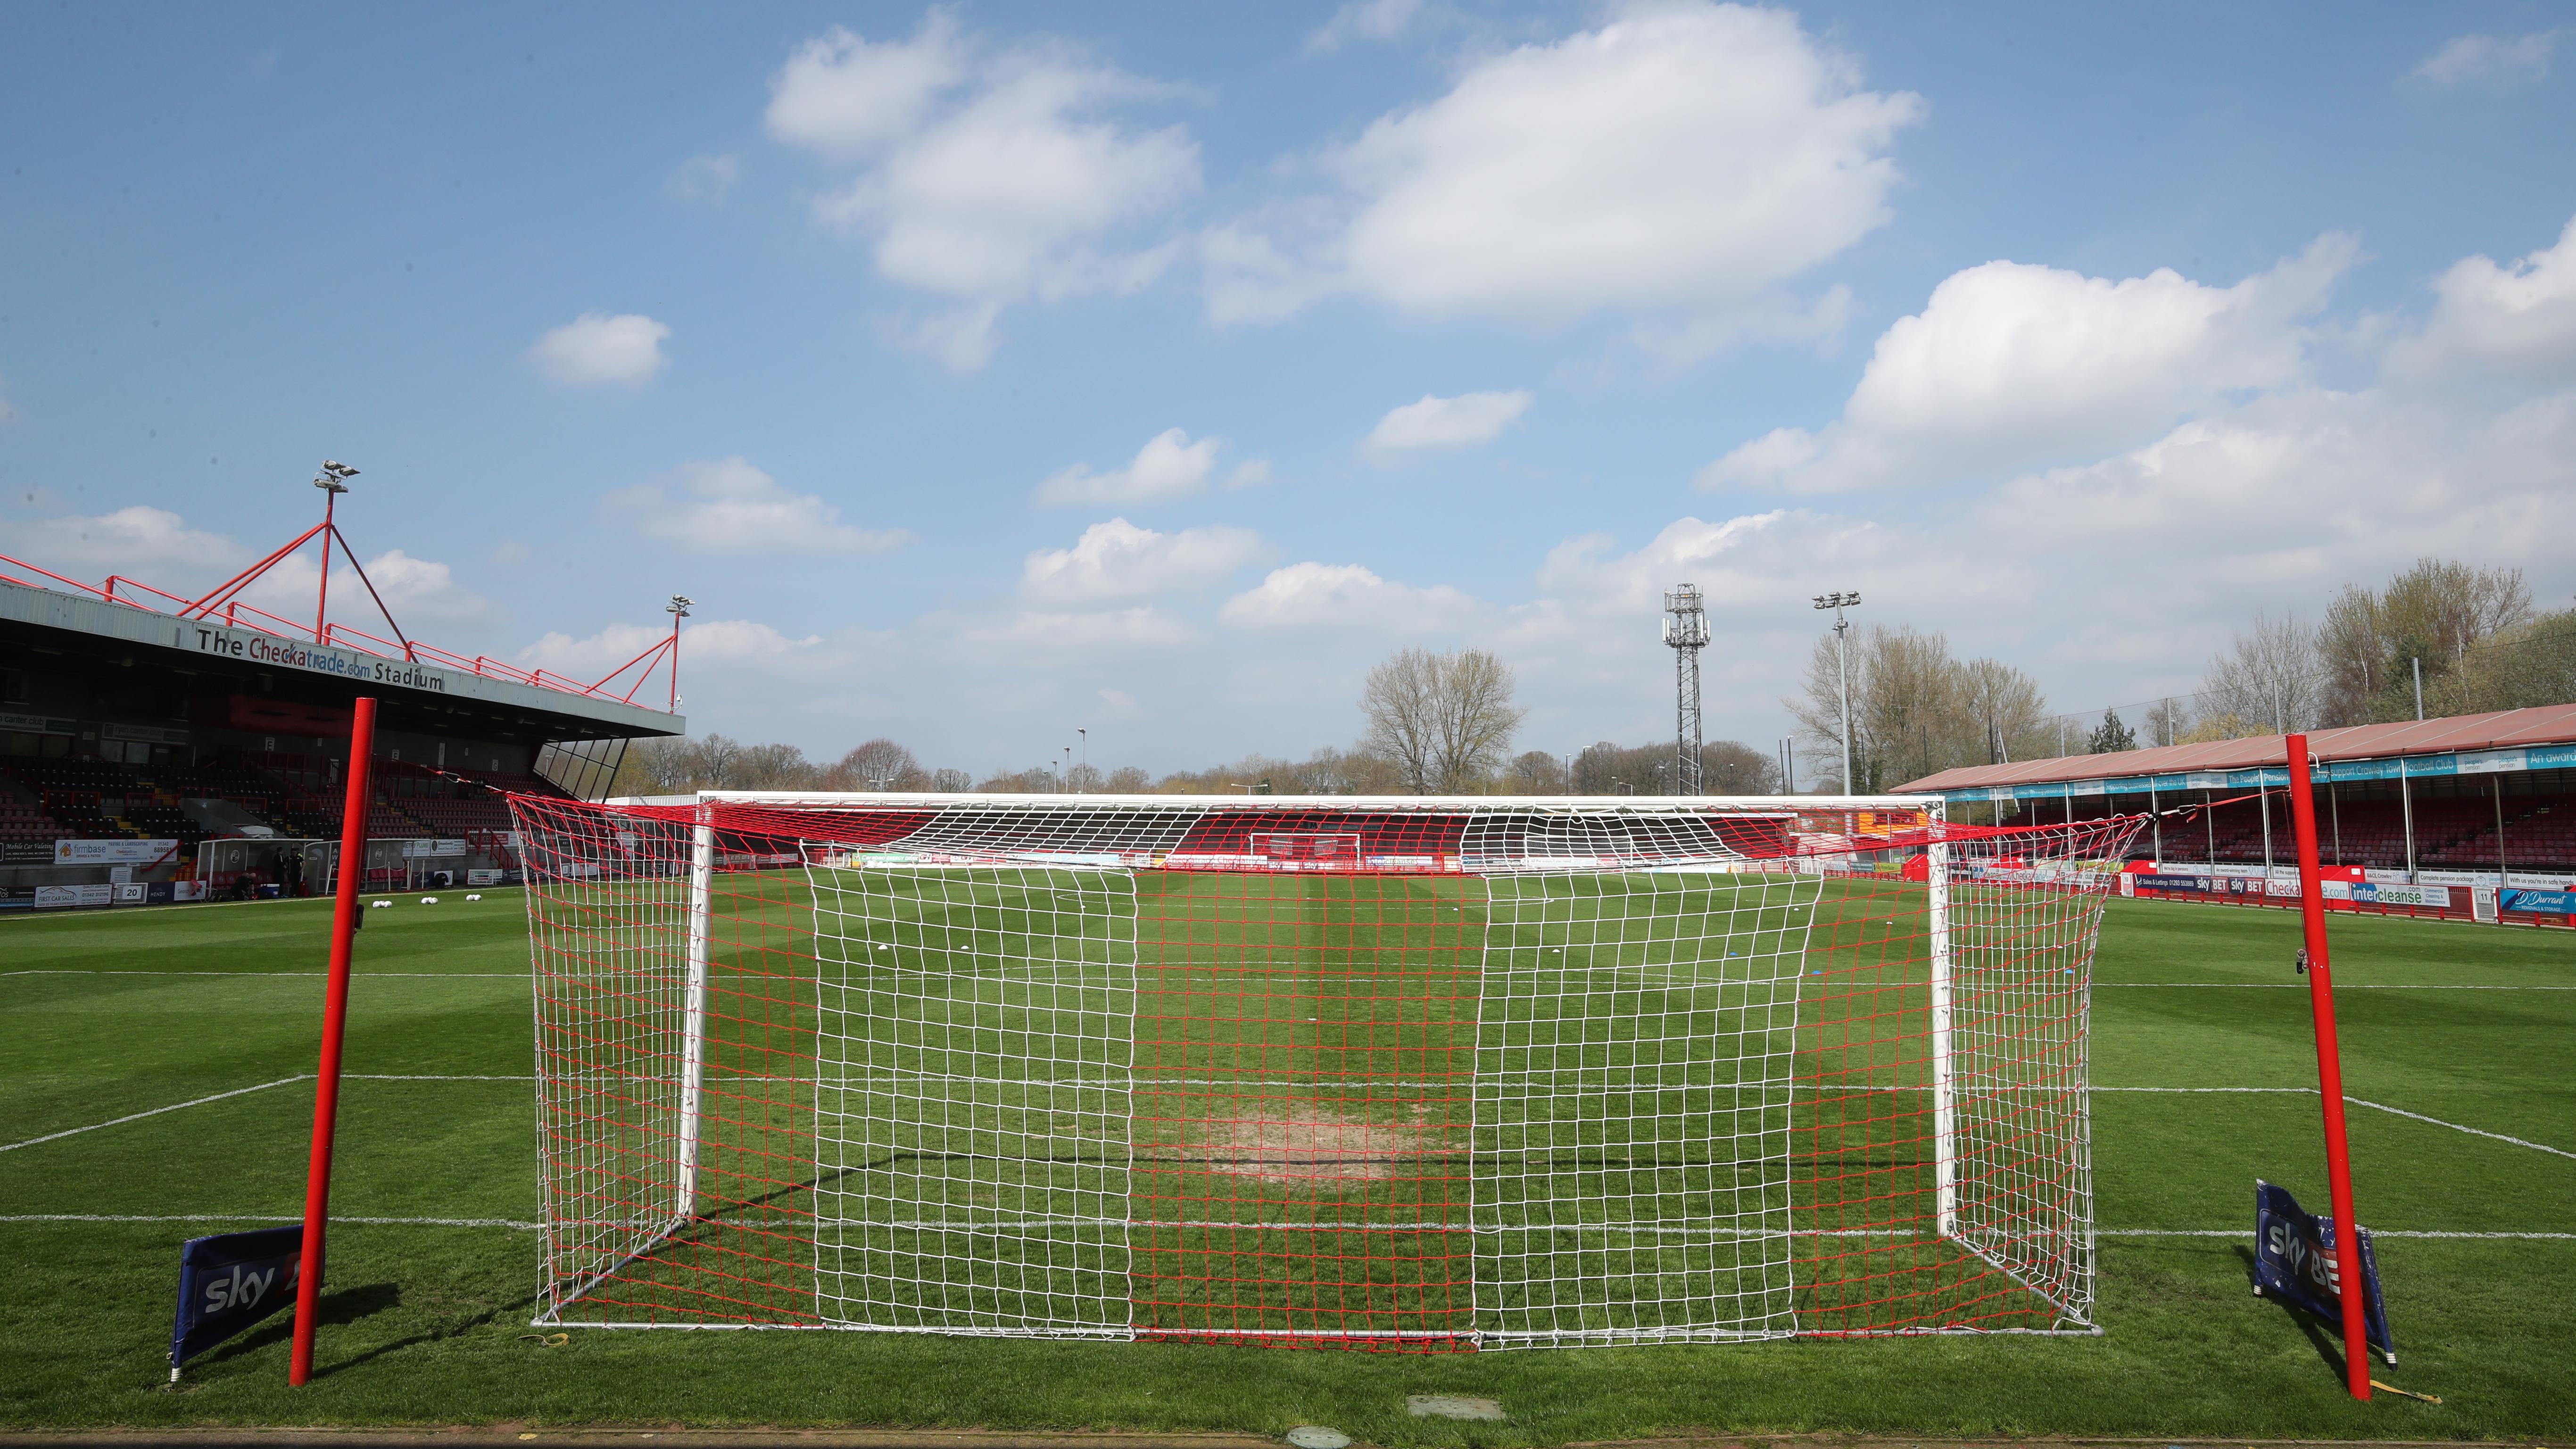 People's Pension Stadium